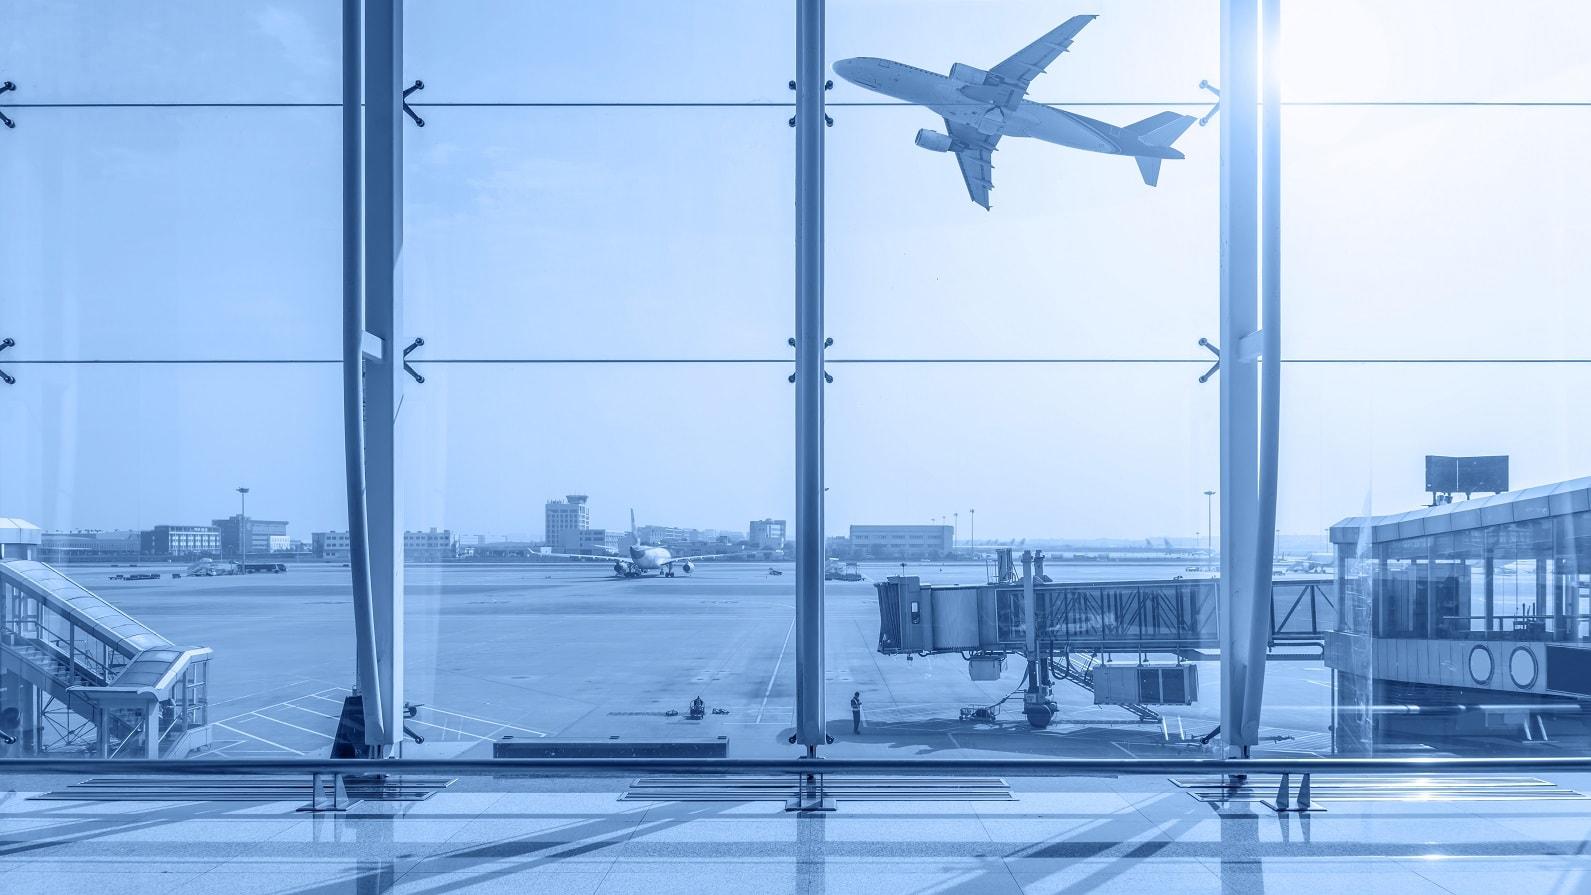 PUEYO chauffeur privé VTC Lavaur Toulouse - aéroport Haute-Garonne